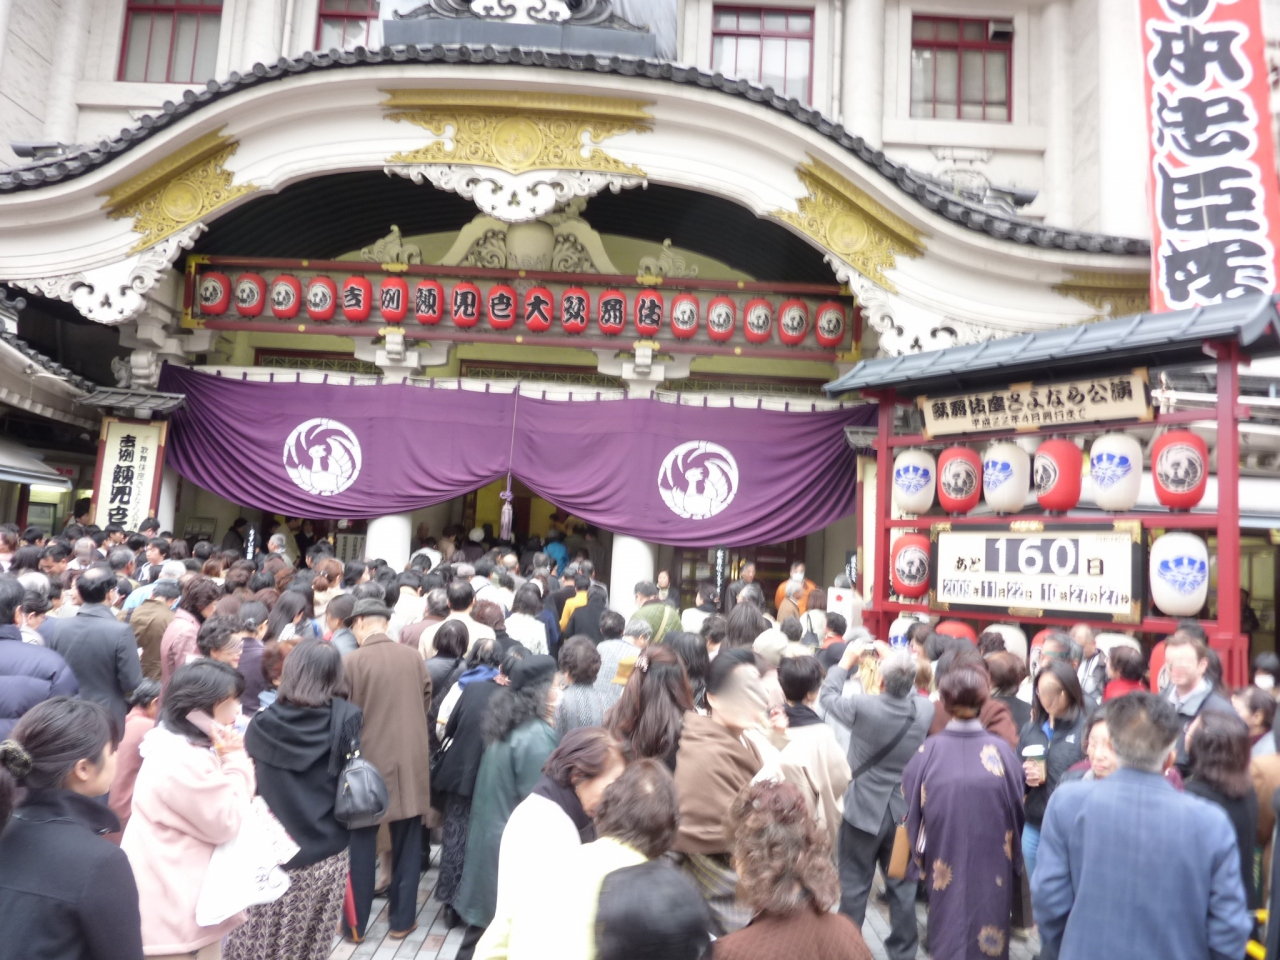 「歌舞伎座 初日 混雑」の画像検索結果